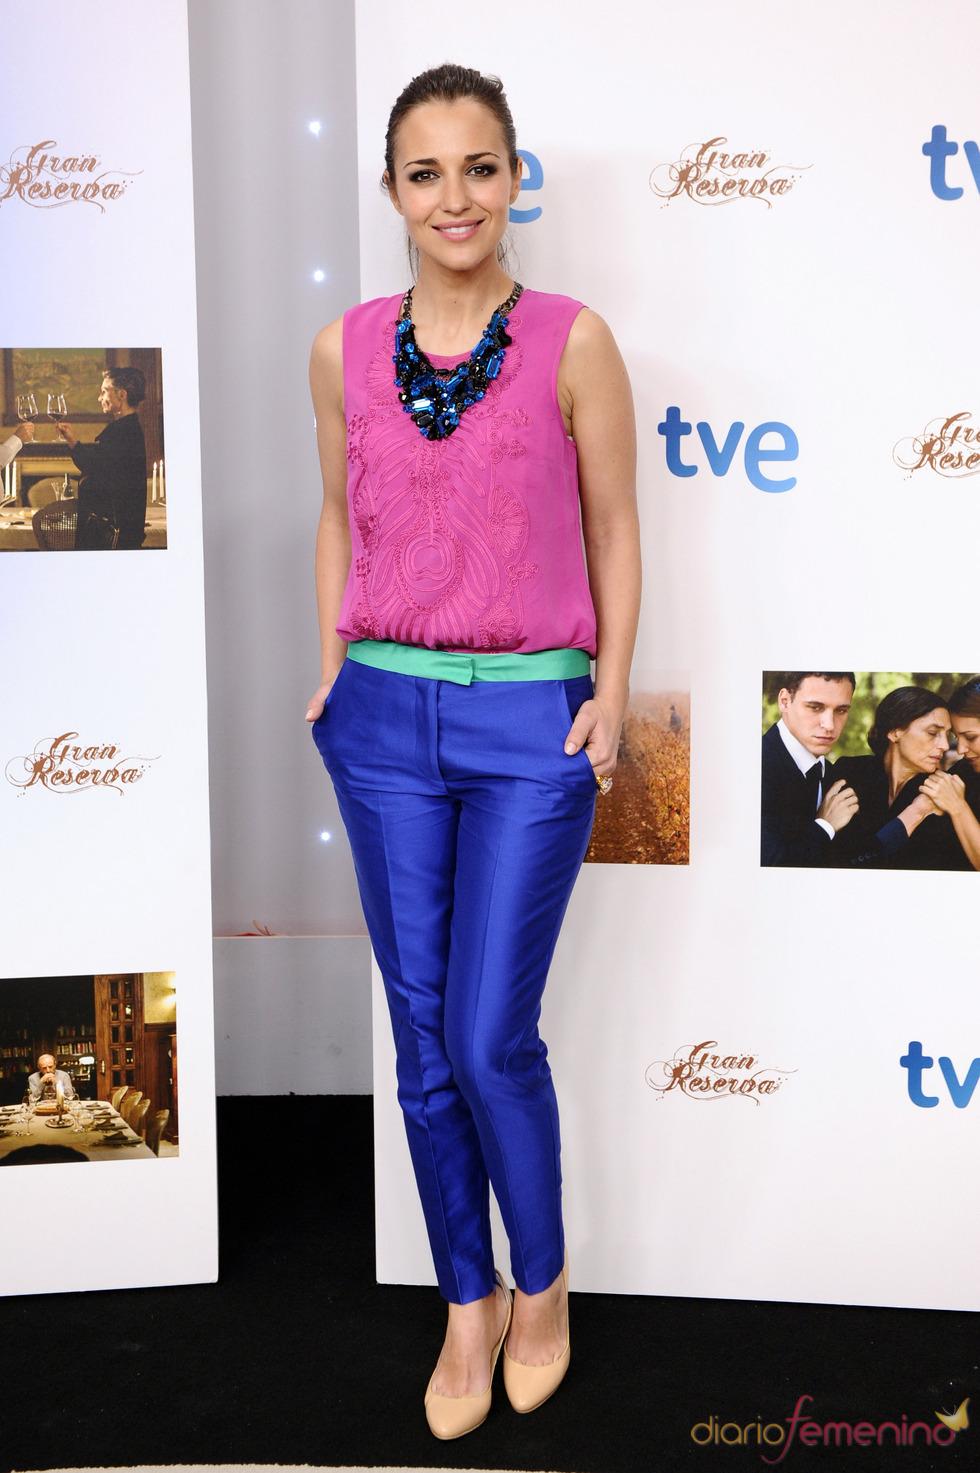 Paula Echevarría en la presentación de la segunda temporada de 'Gran Reserva'